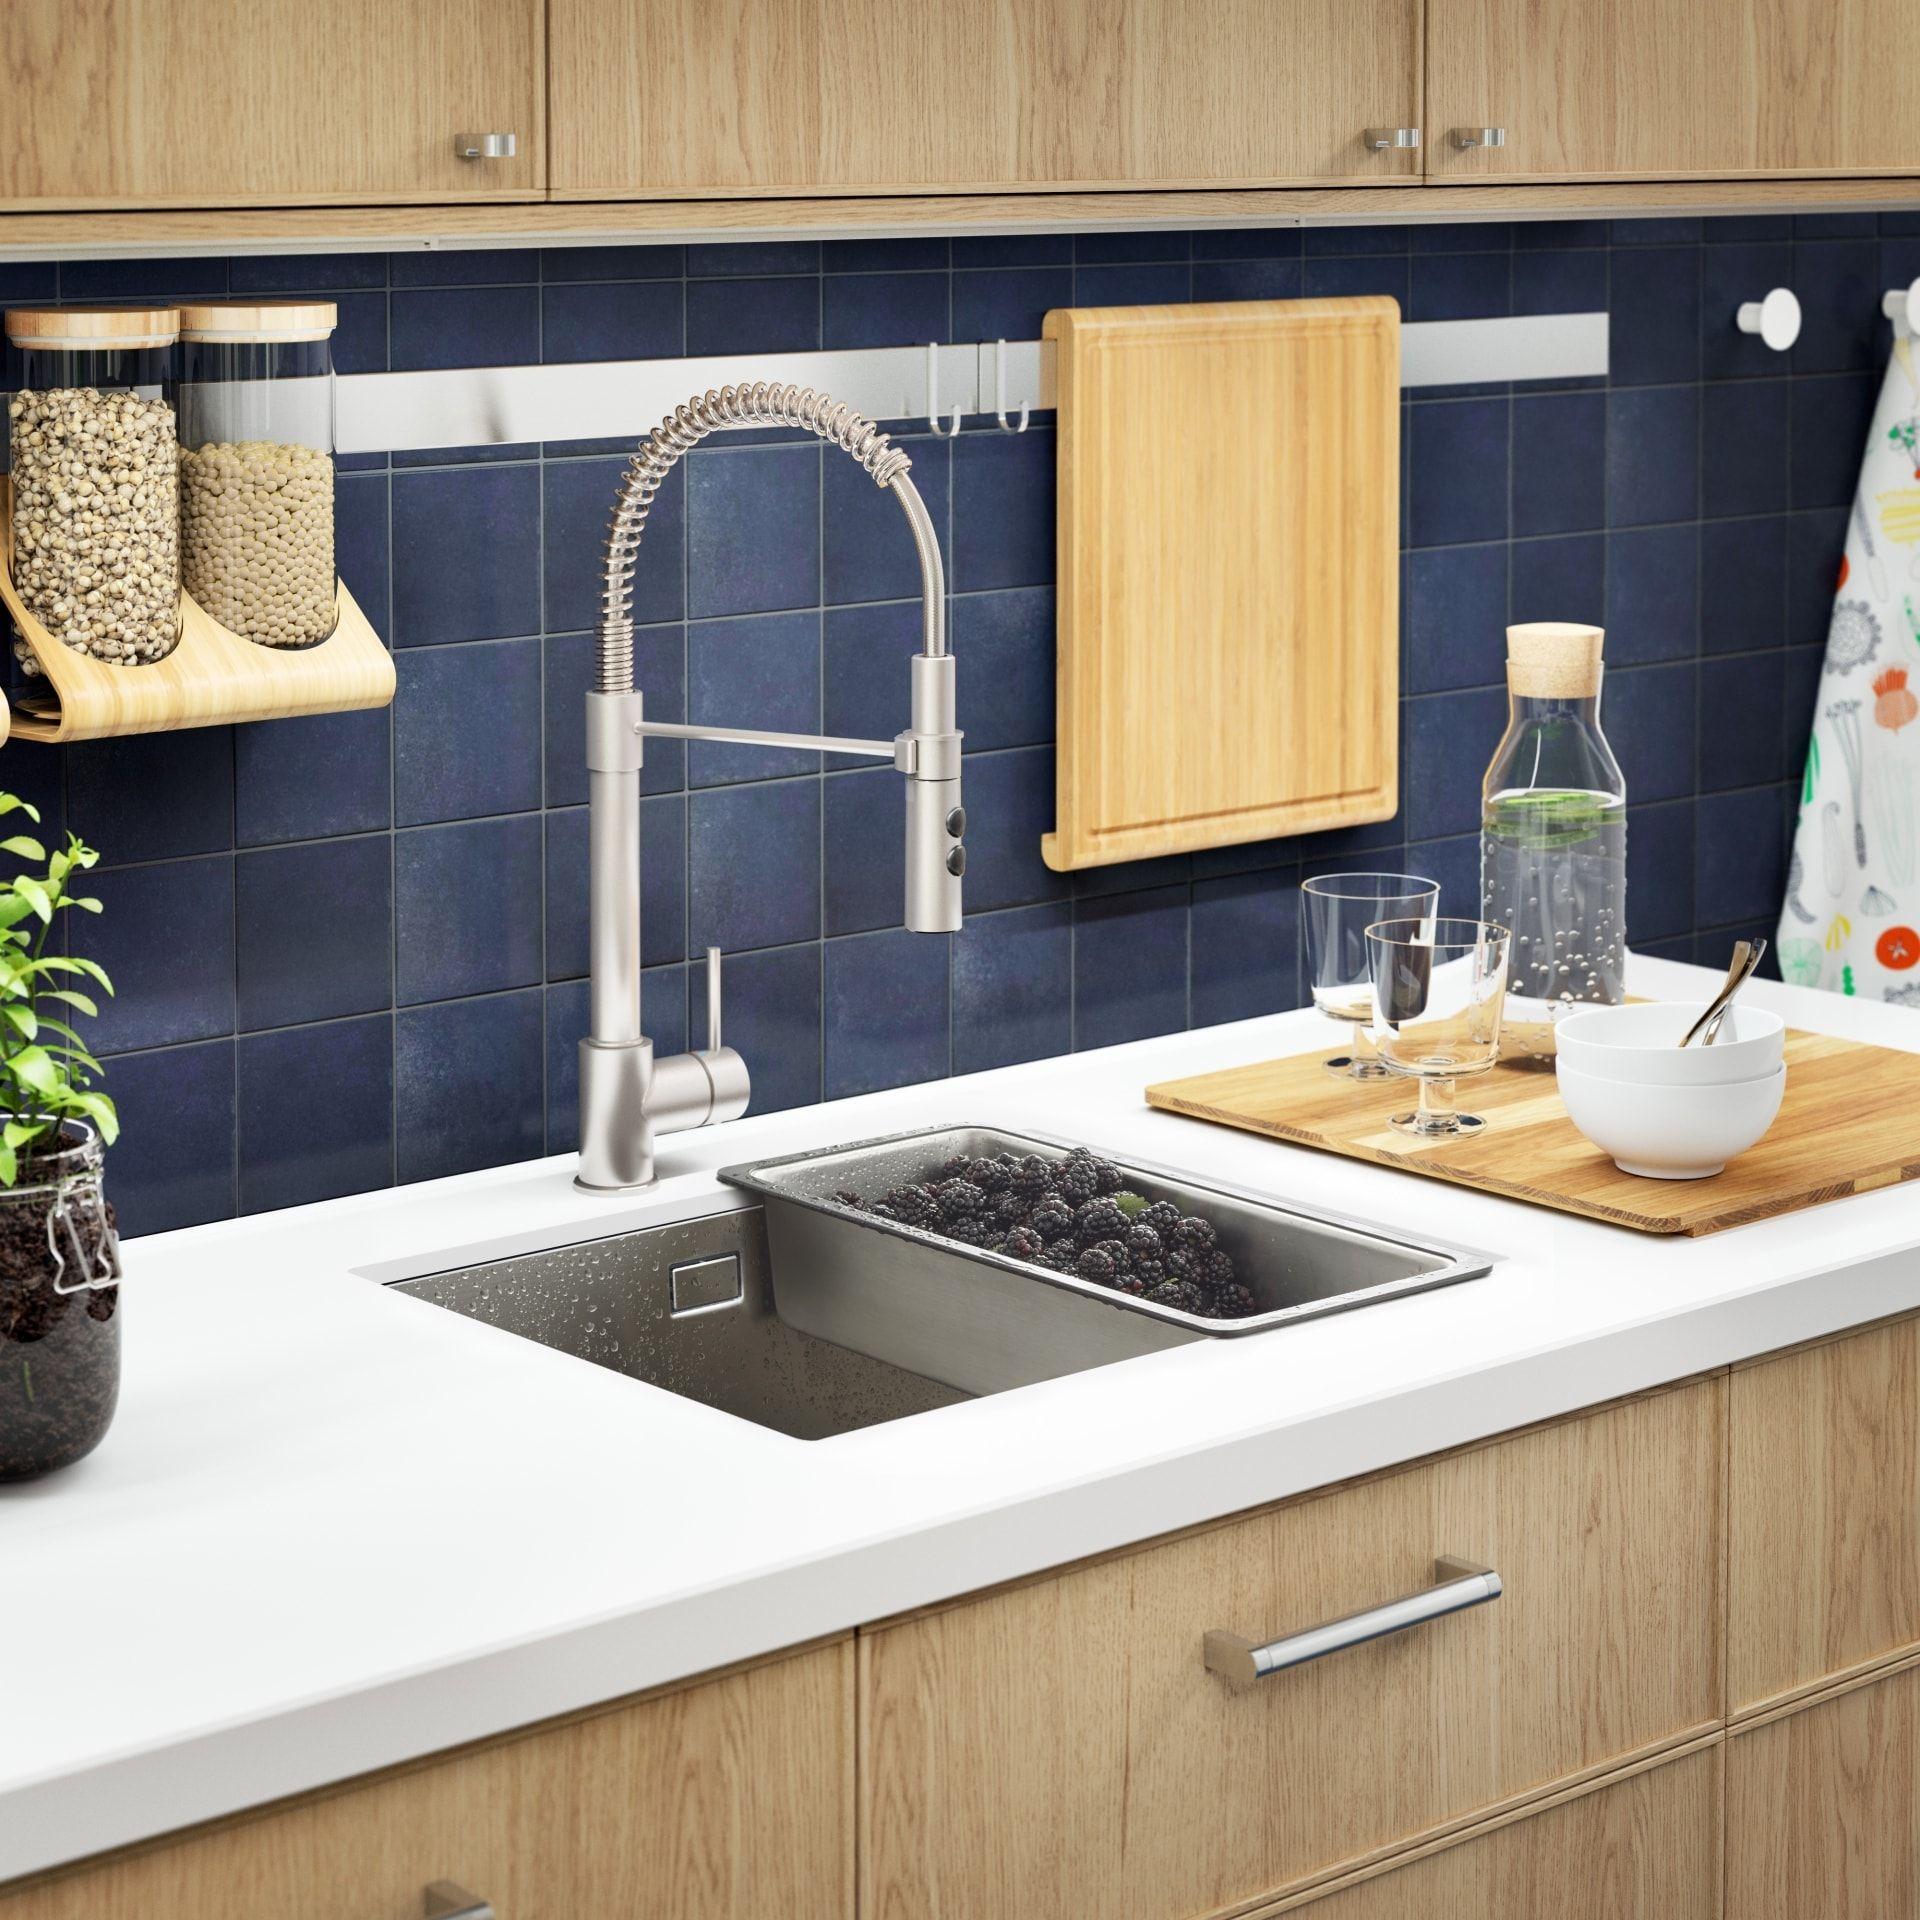 Poser Sa Cuisine Ikea mitigeur vimmerm par ikea : tous dans la cuisine avec les